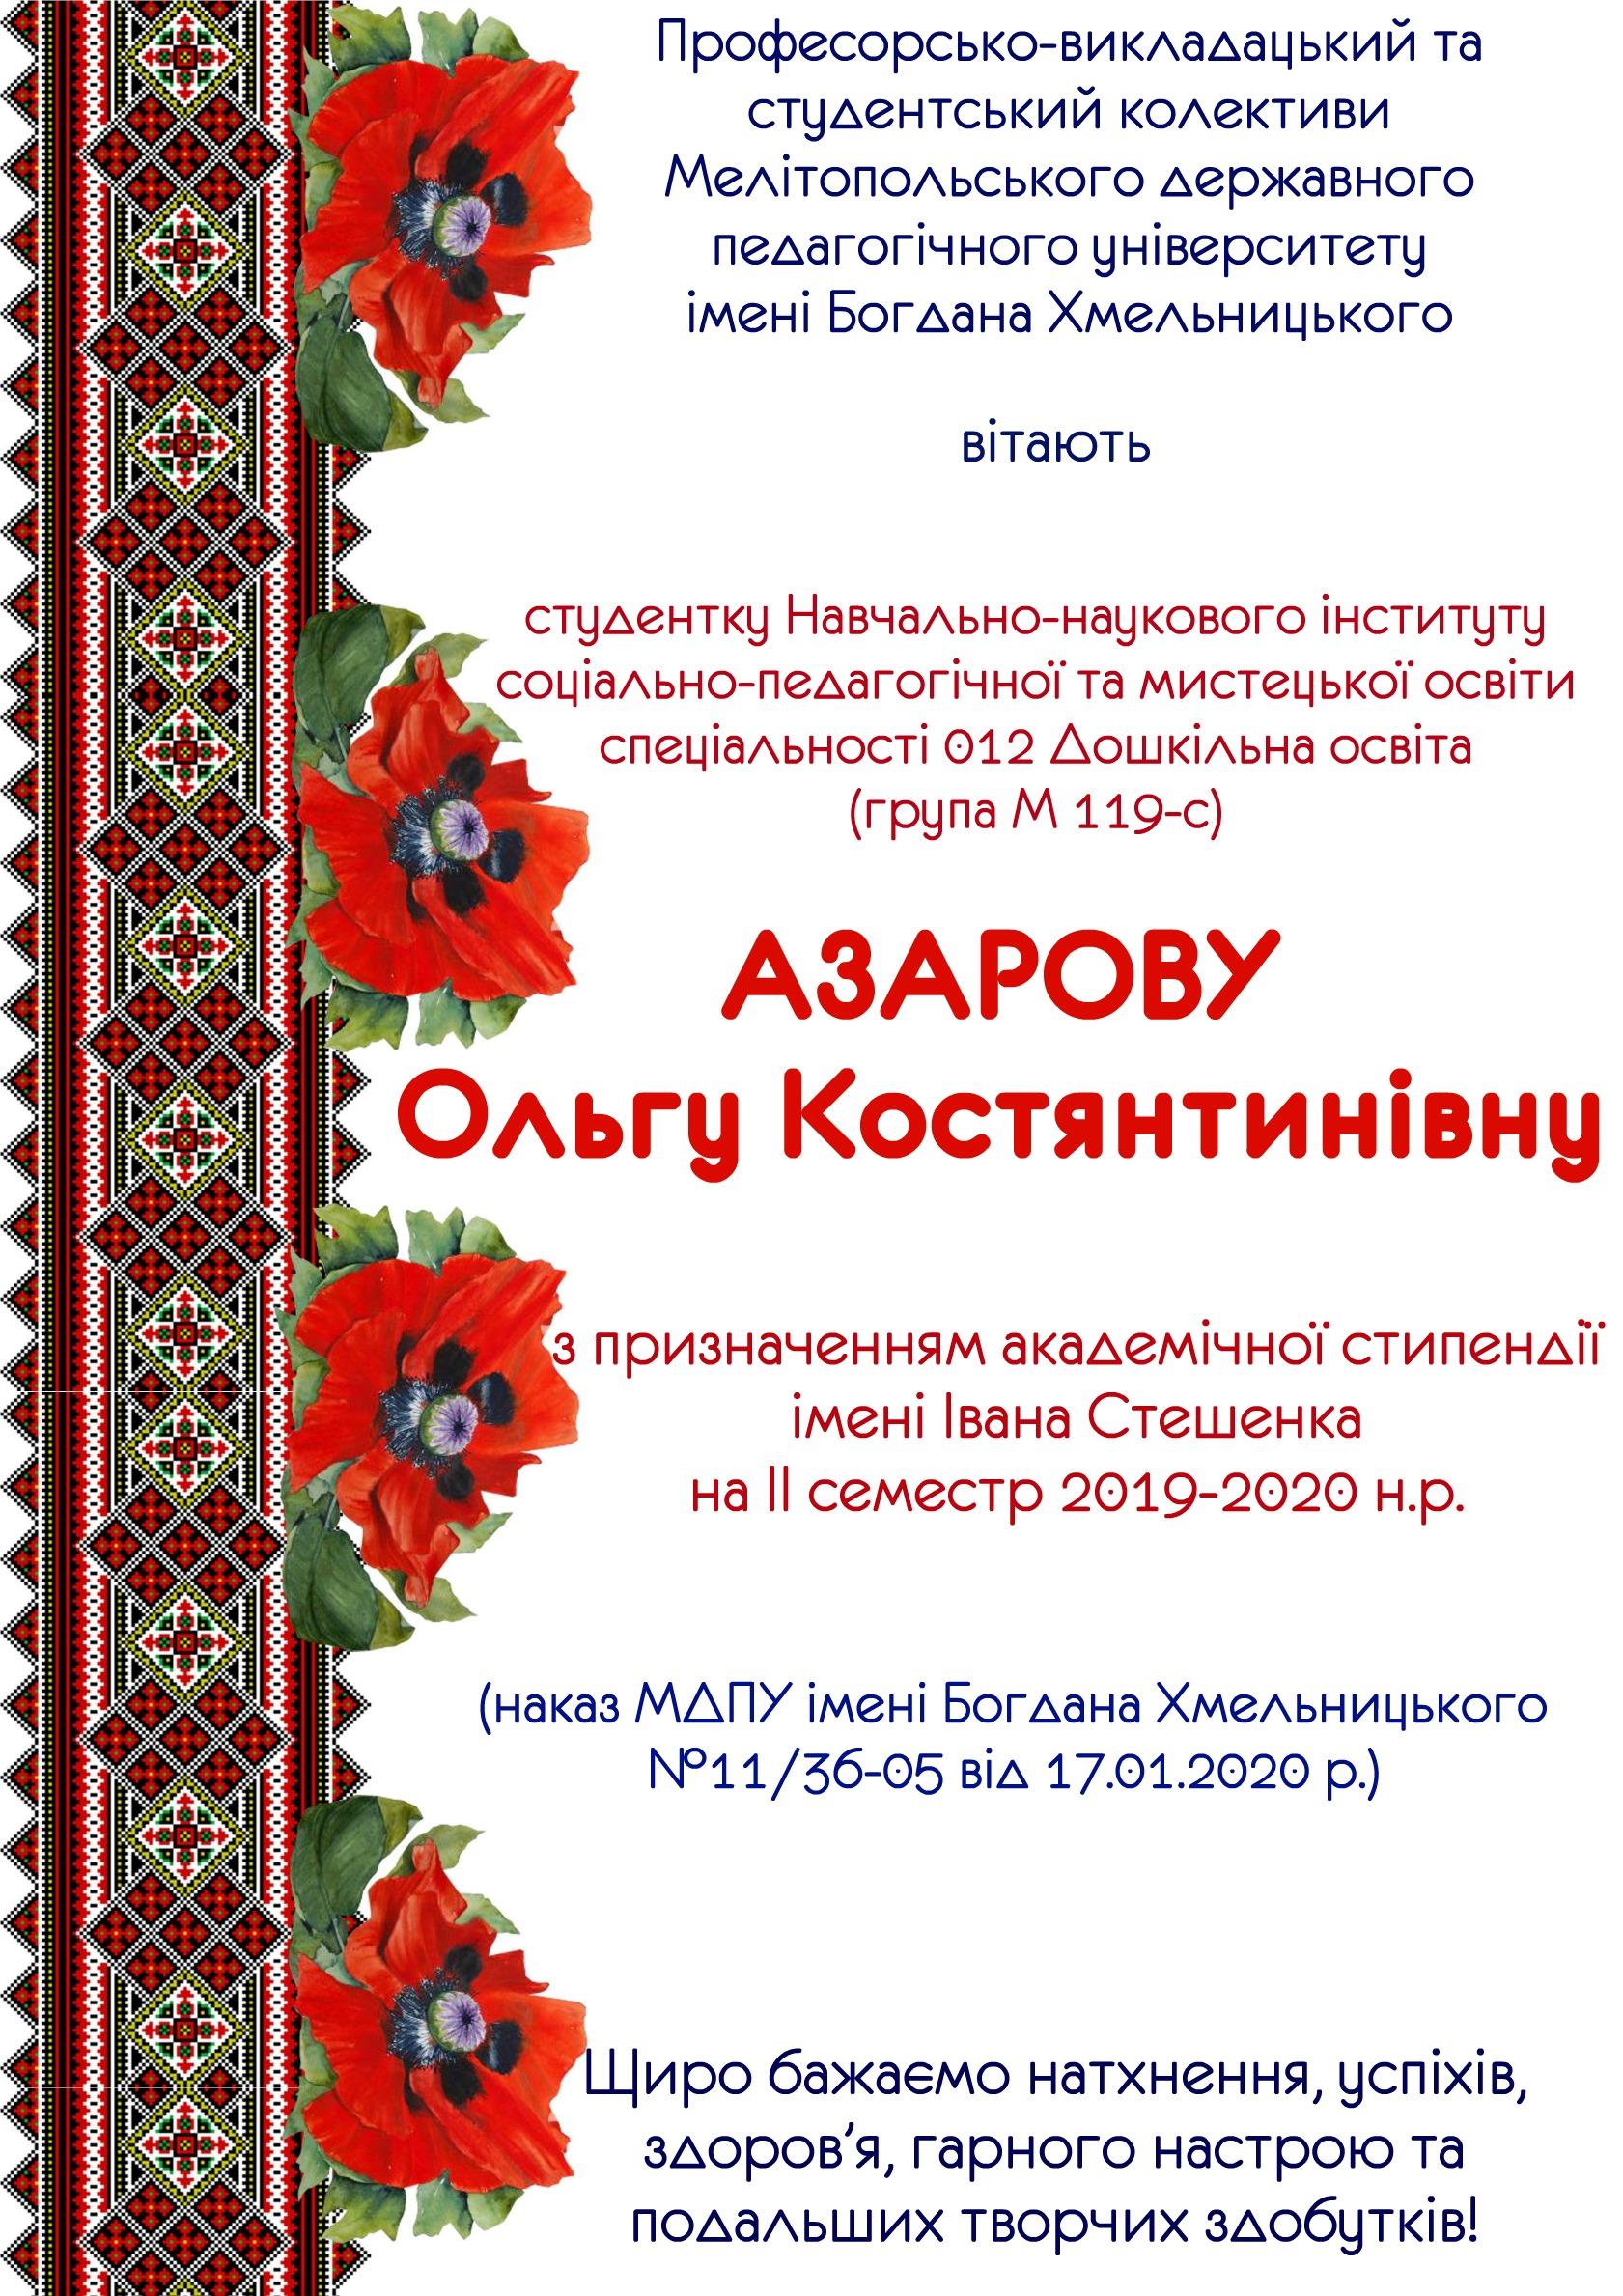 Вітаємо з призначенням академічної стипендії імені Івана Стешенка